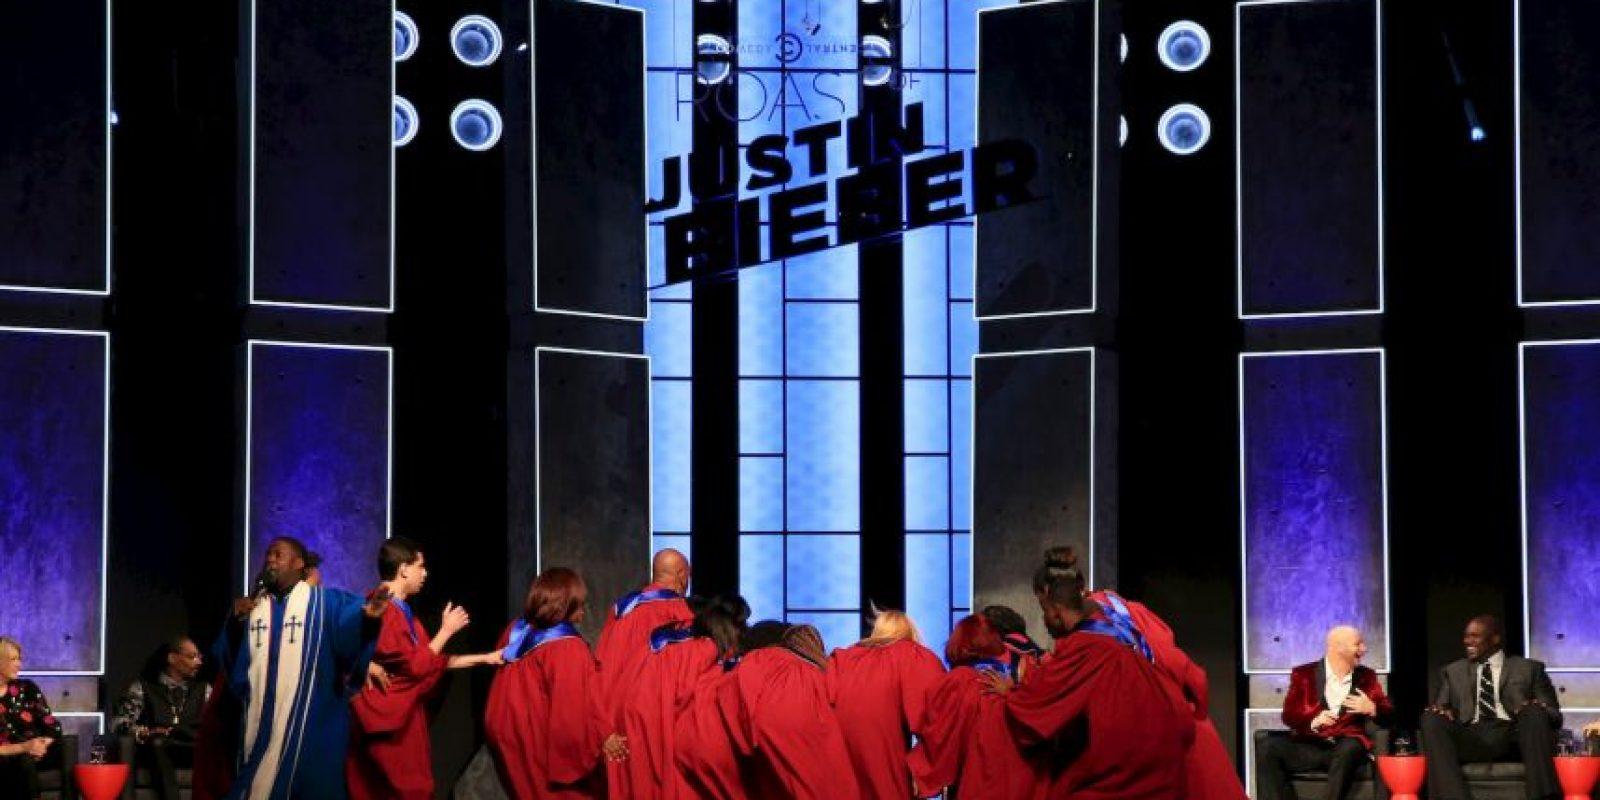 """Justin Bieber en su presentación en su """"roast"""" hecho por Comedy Central. Foto:Getty"""